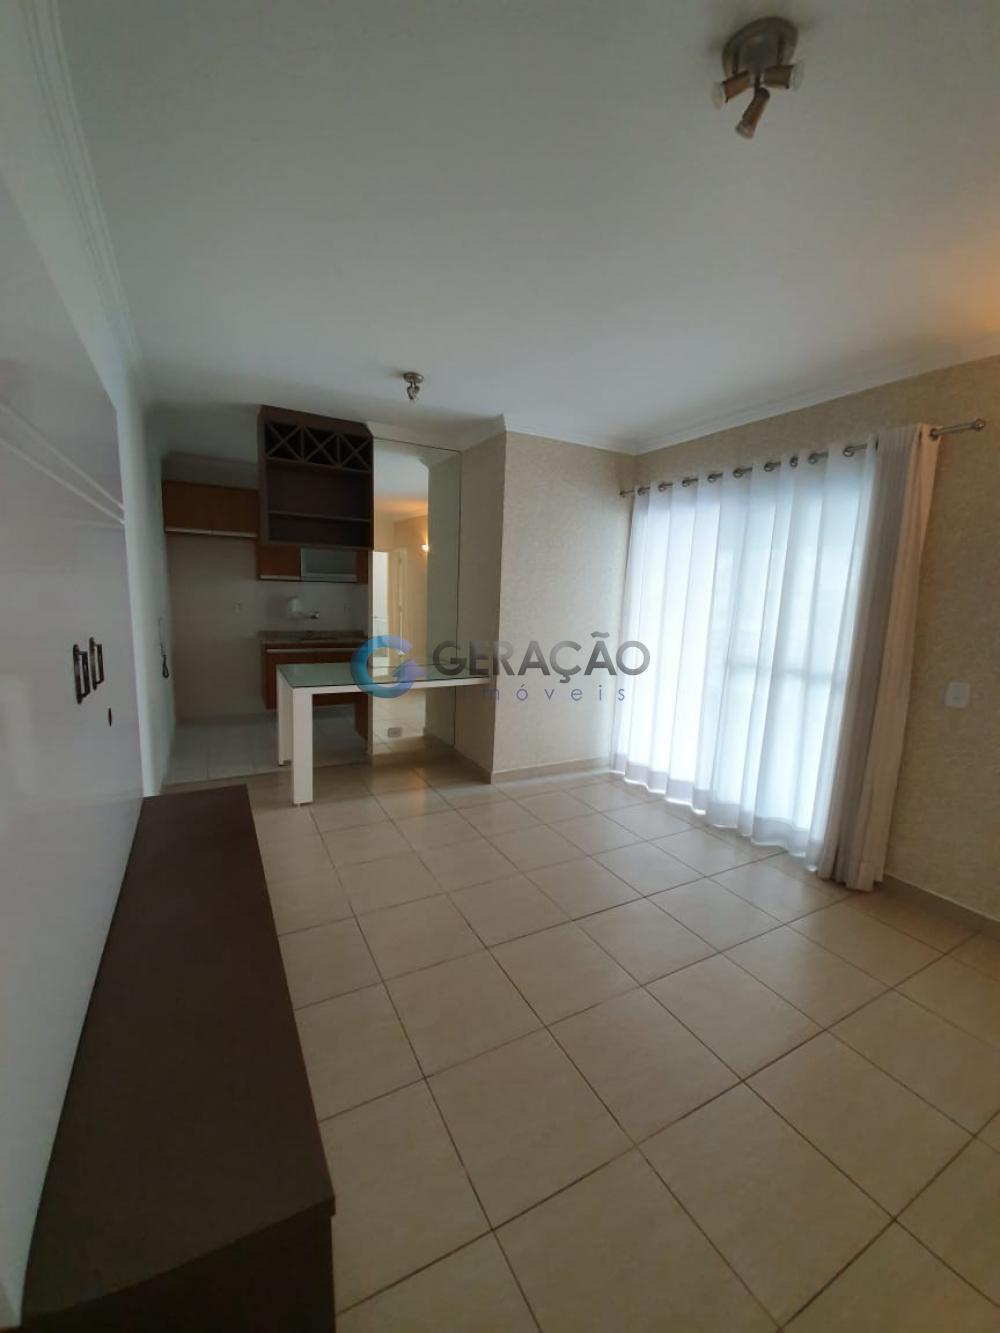 Comprar Apartamento / Padrão em São José dos Campos apenas R$ 450.000,00 - Foto 7